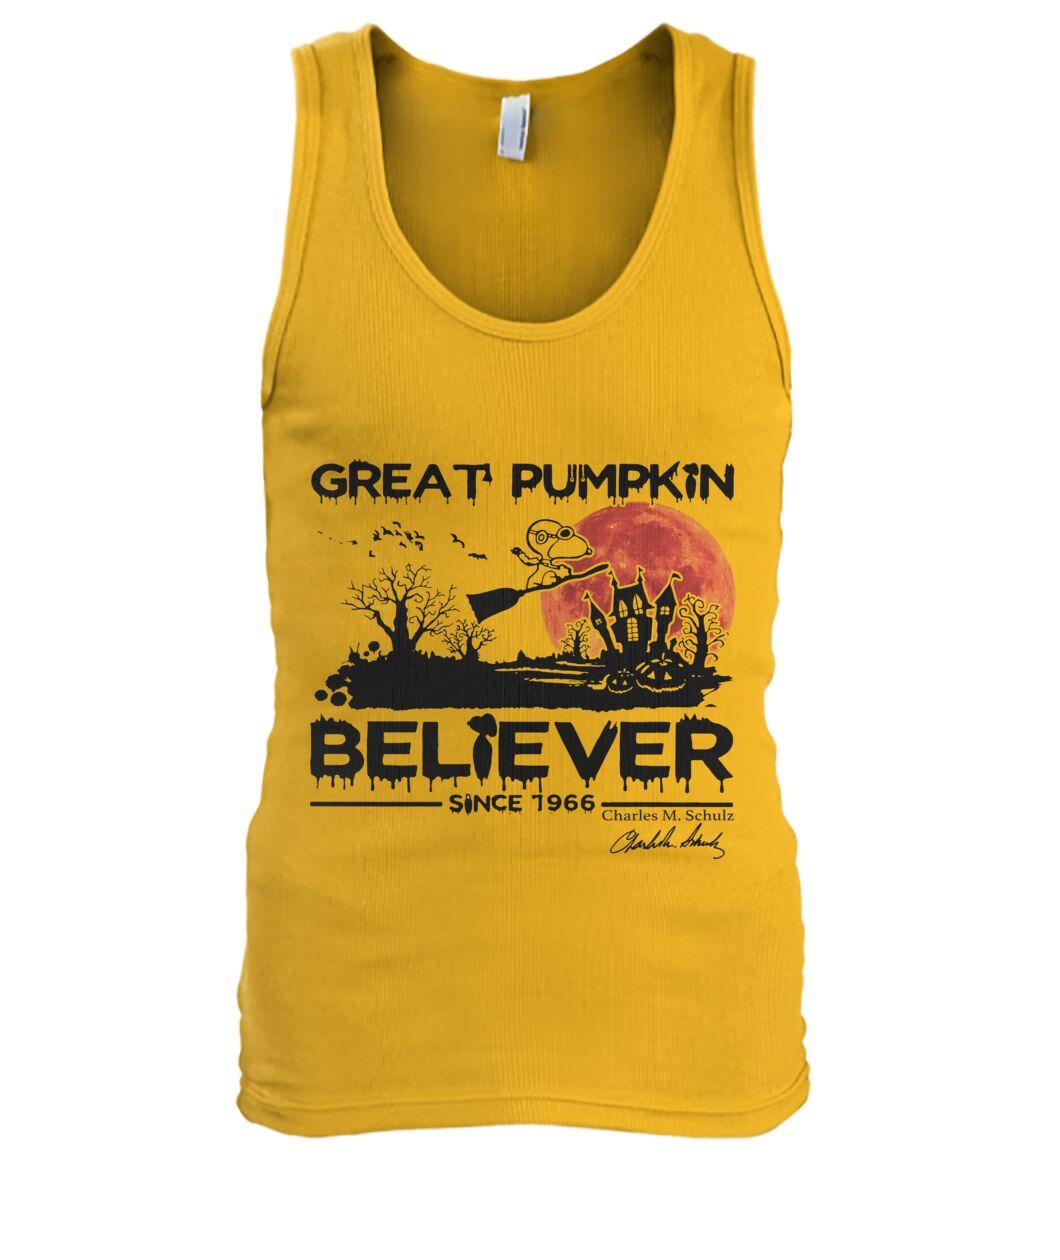 Great Pumpkin Believer 1996s Fans Tank top